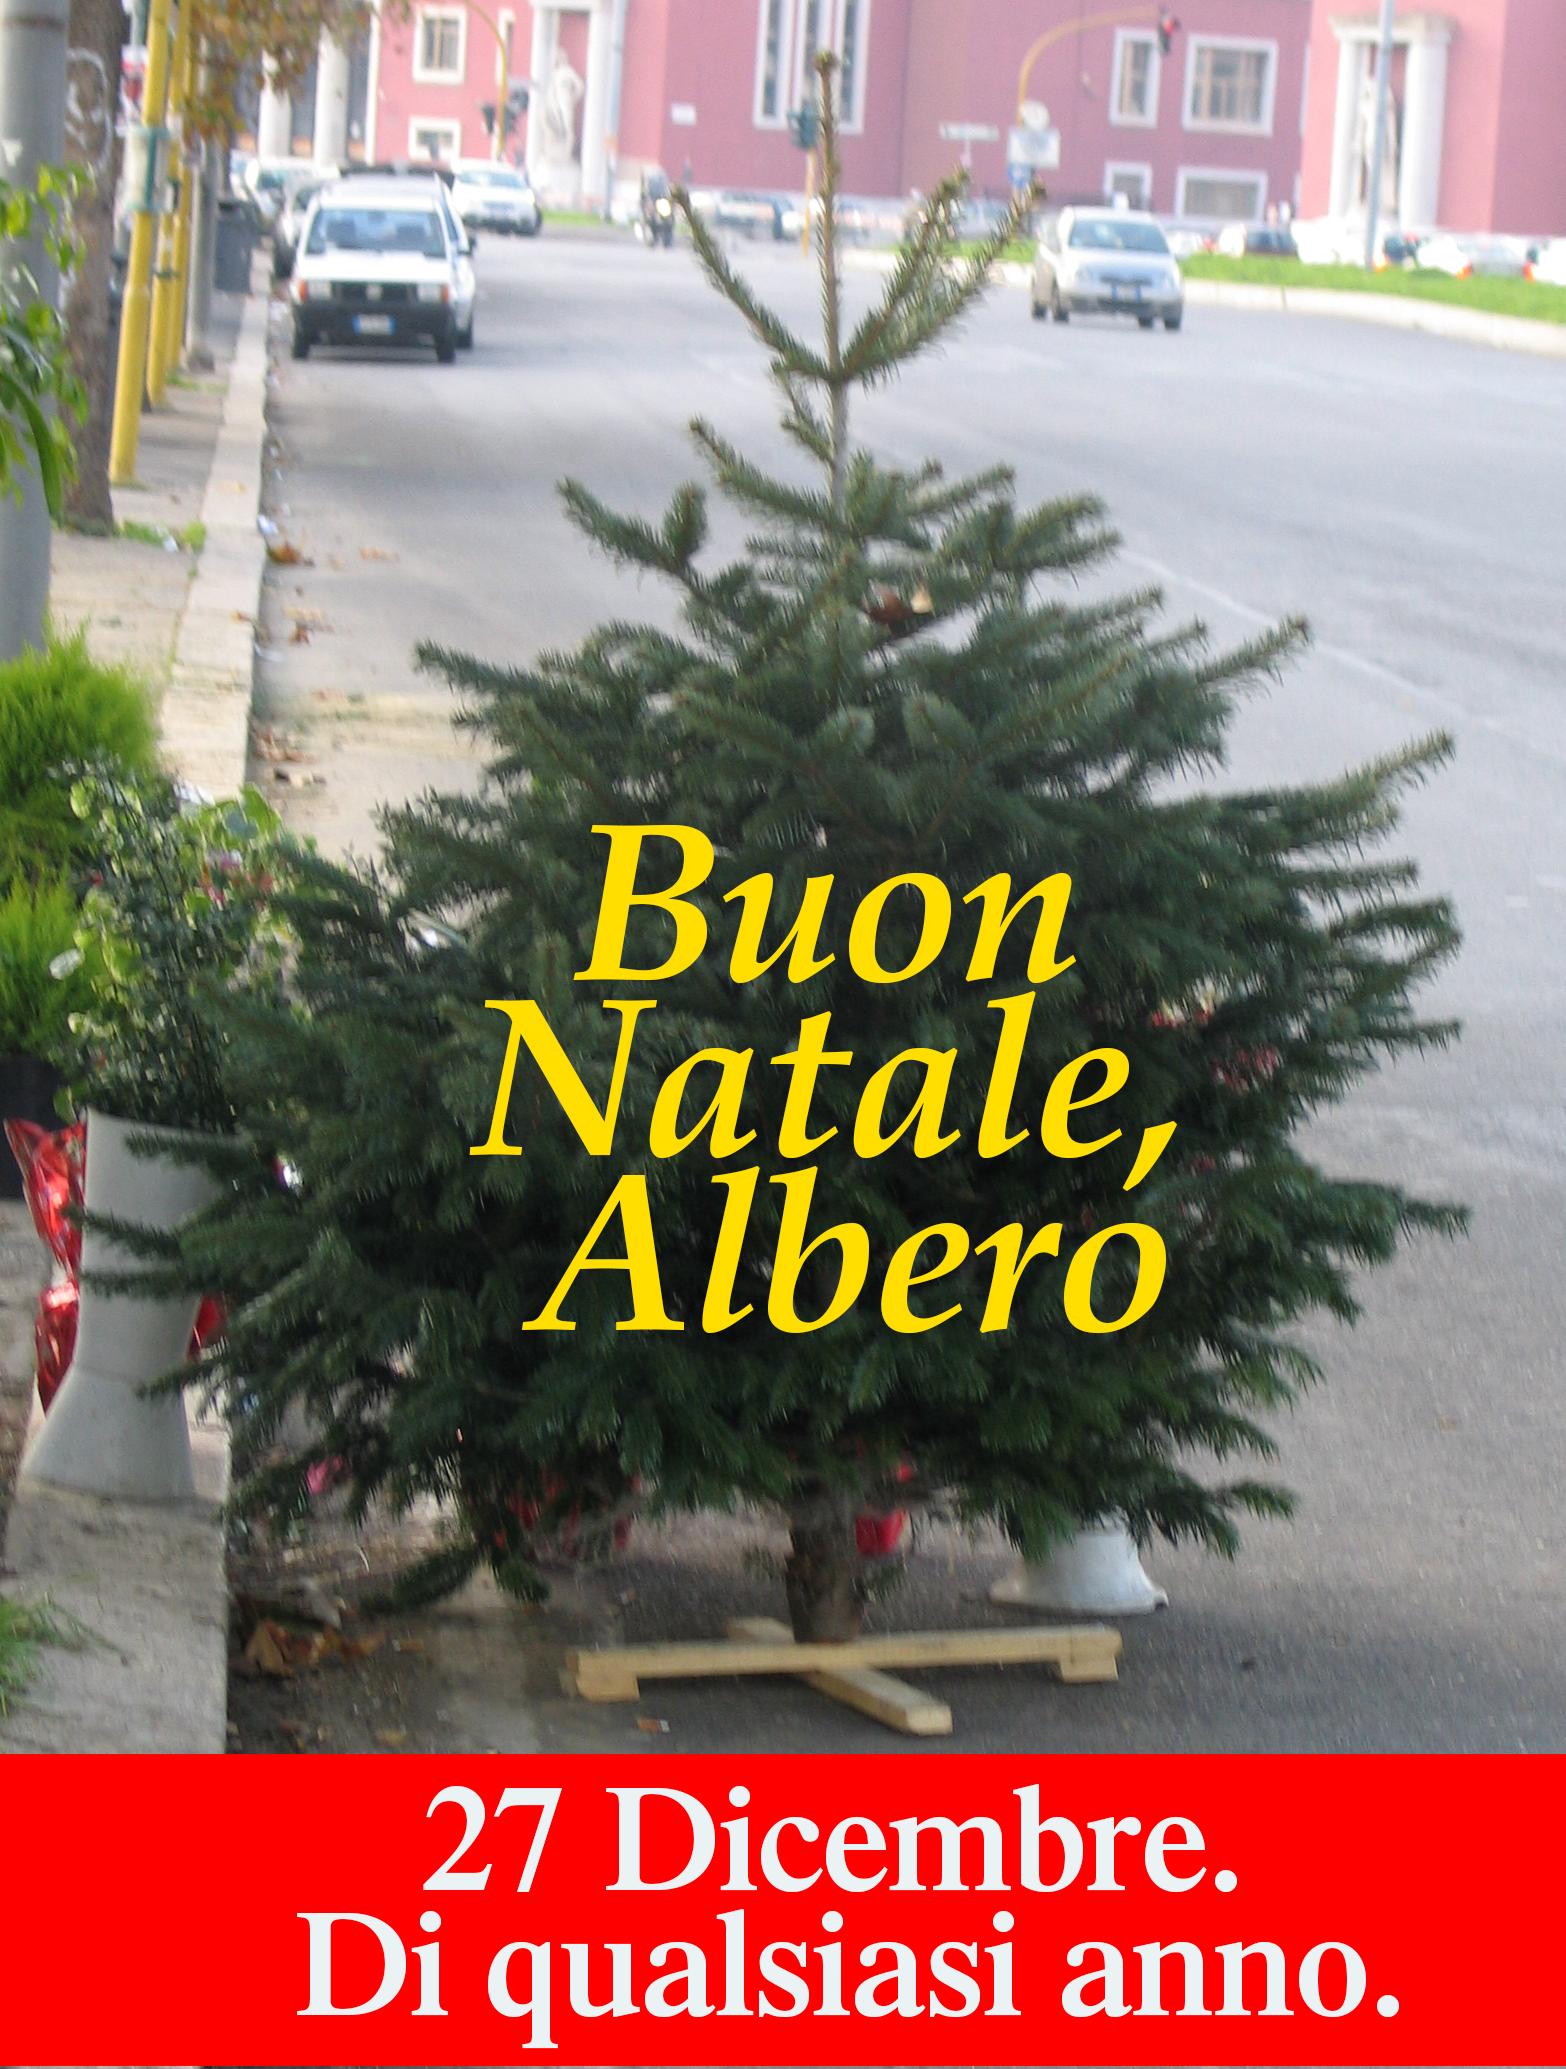 Buon Natale Albero